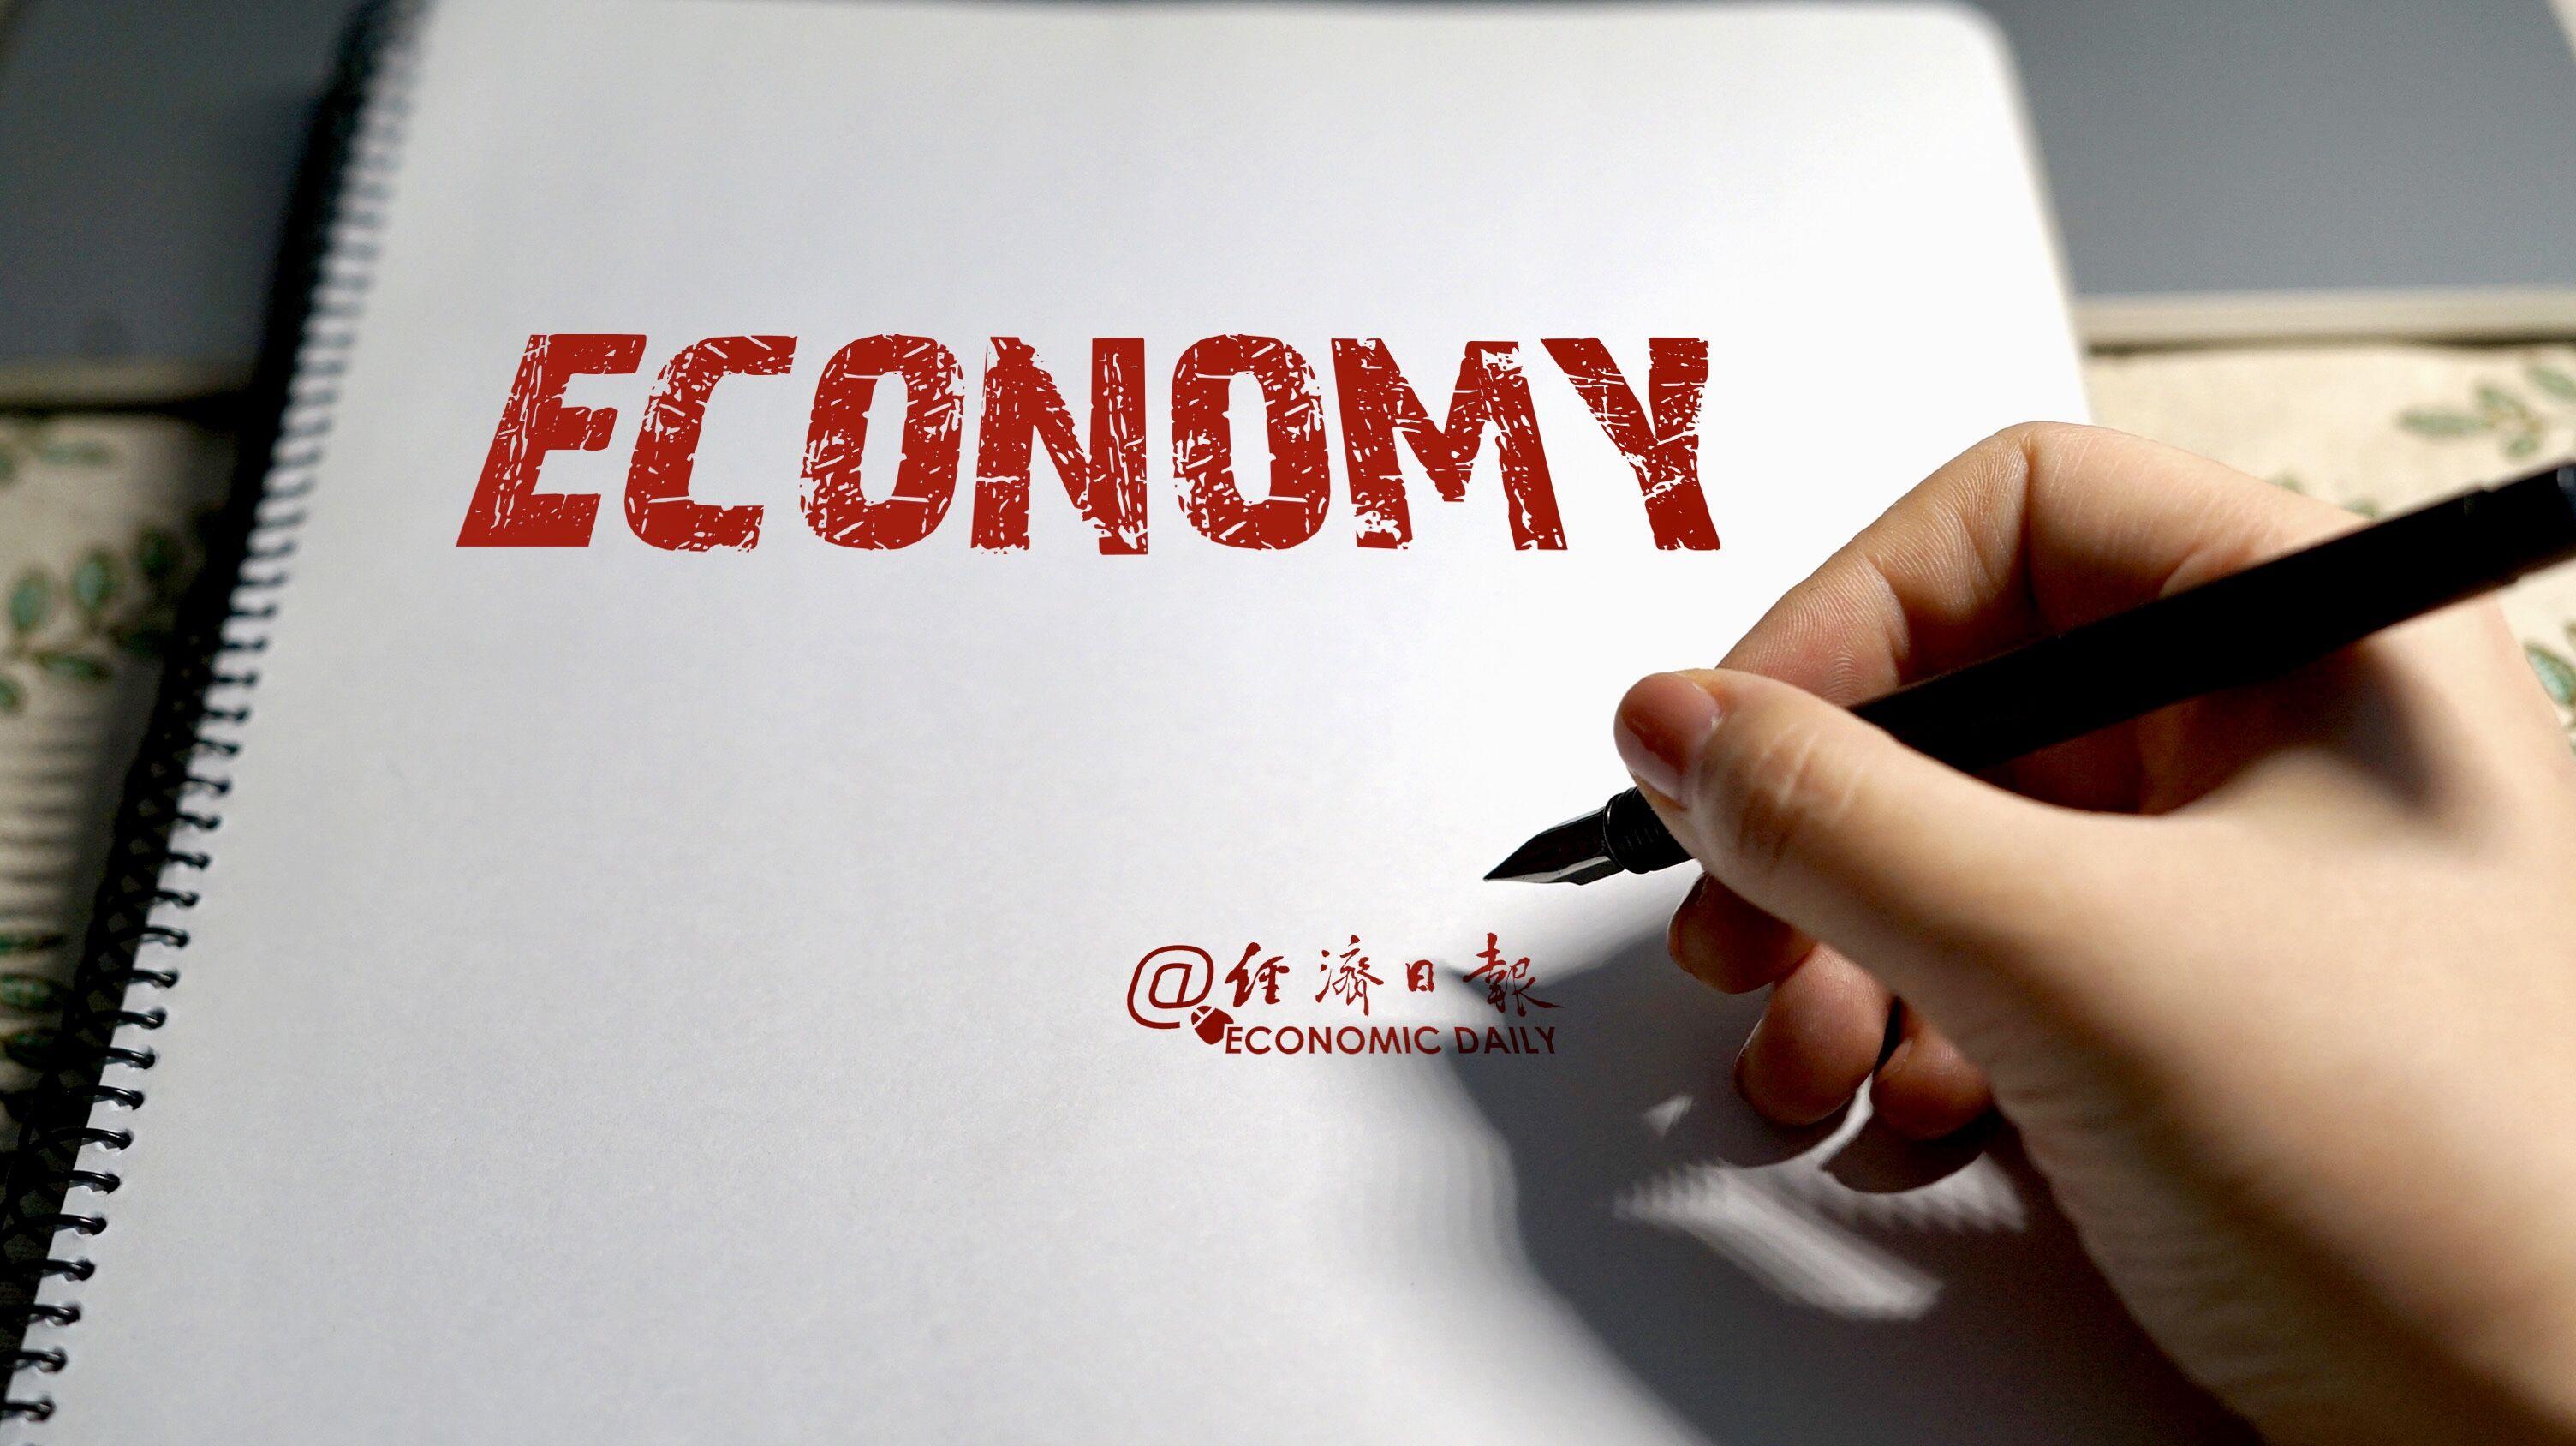 心水论坛79667激发资本市场新期待 盘点春节档经济数据